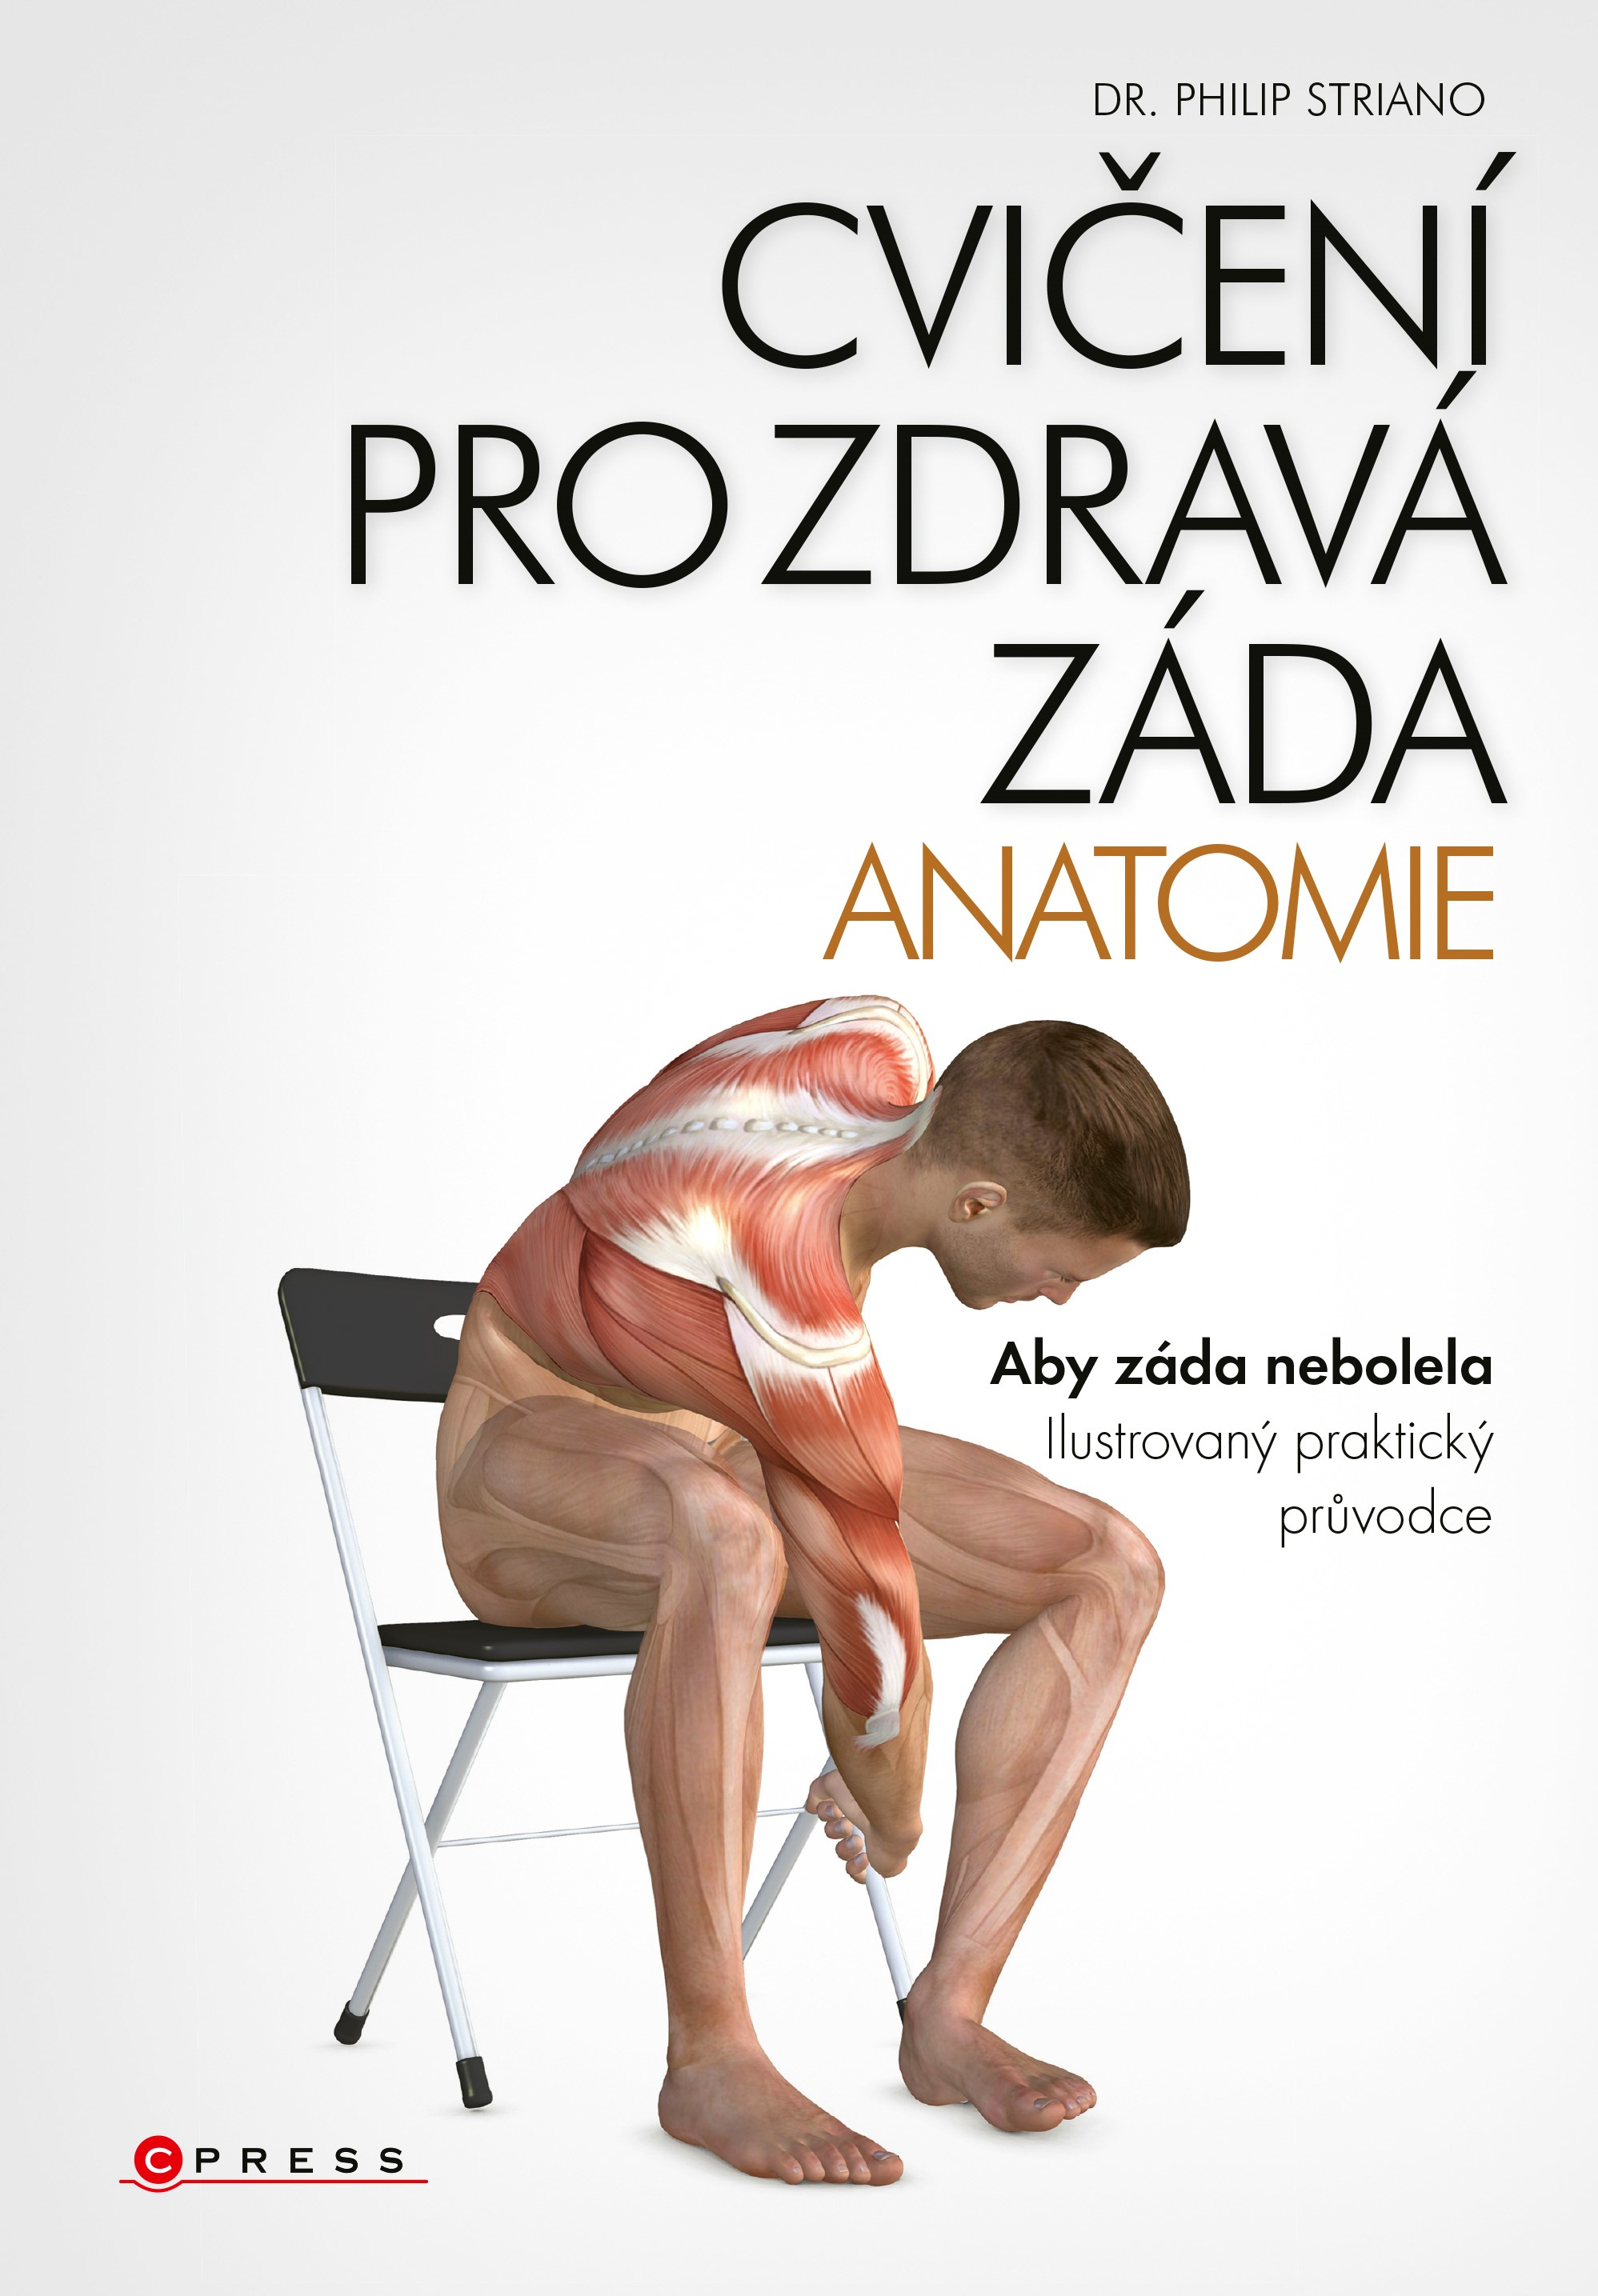 Cvičení pro zdravá záda - anatomie | dr. Philip Striano